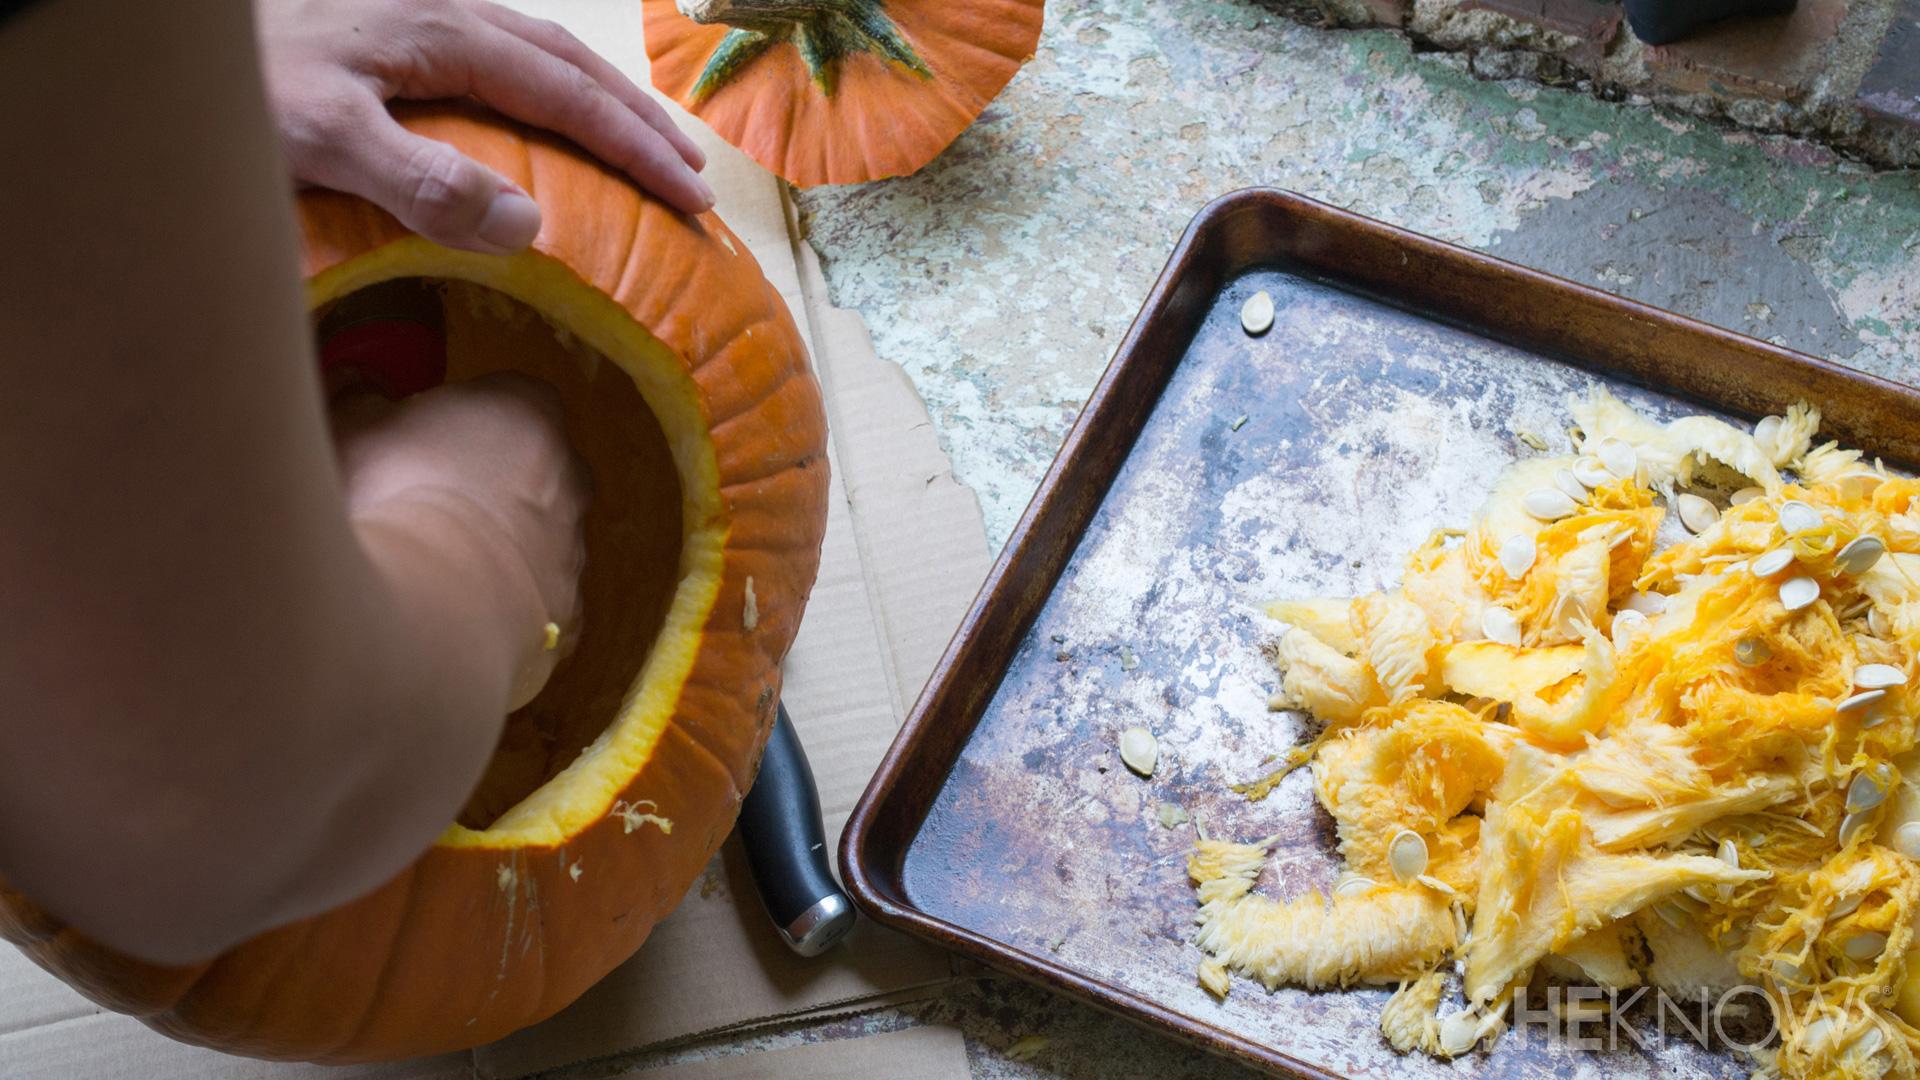 DIY Pumpkin planter: scoop out center